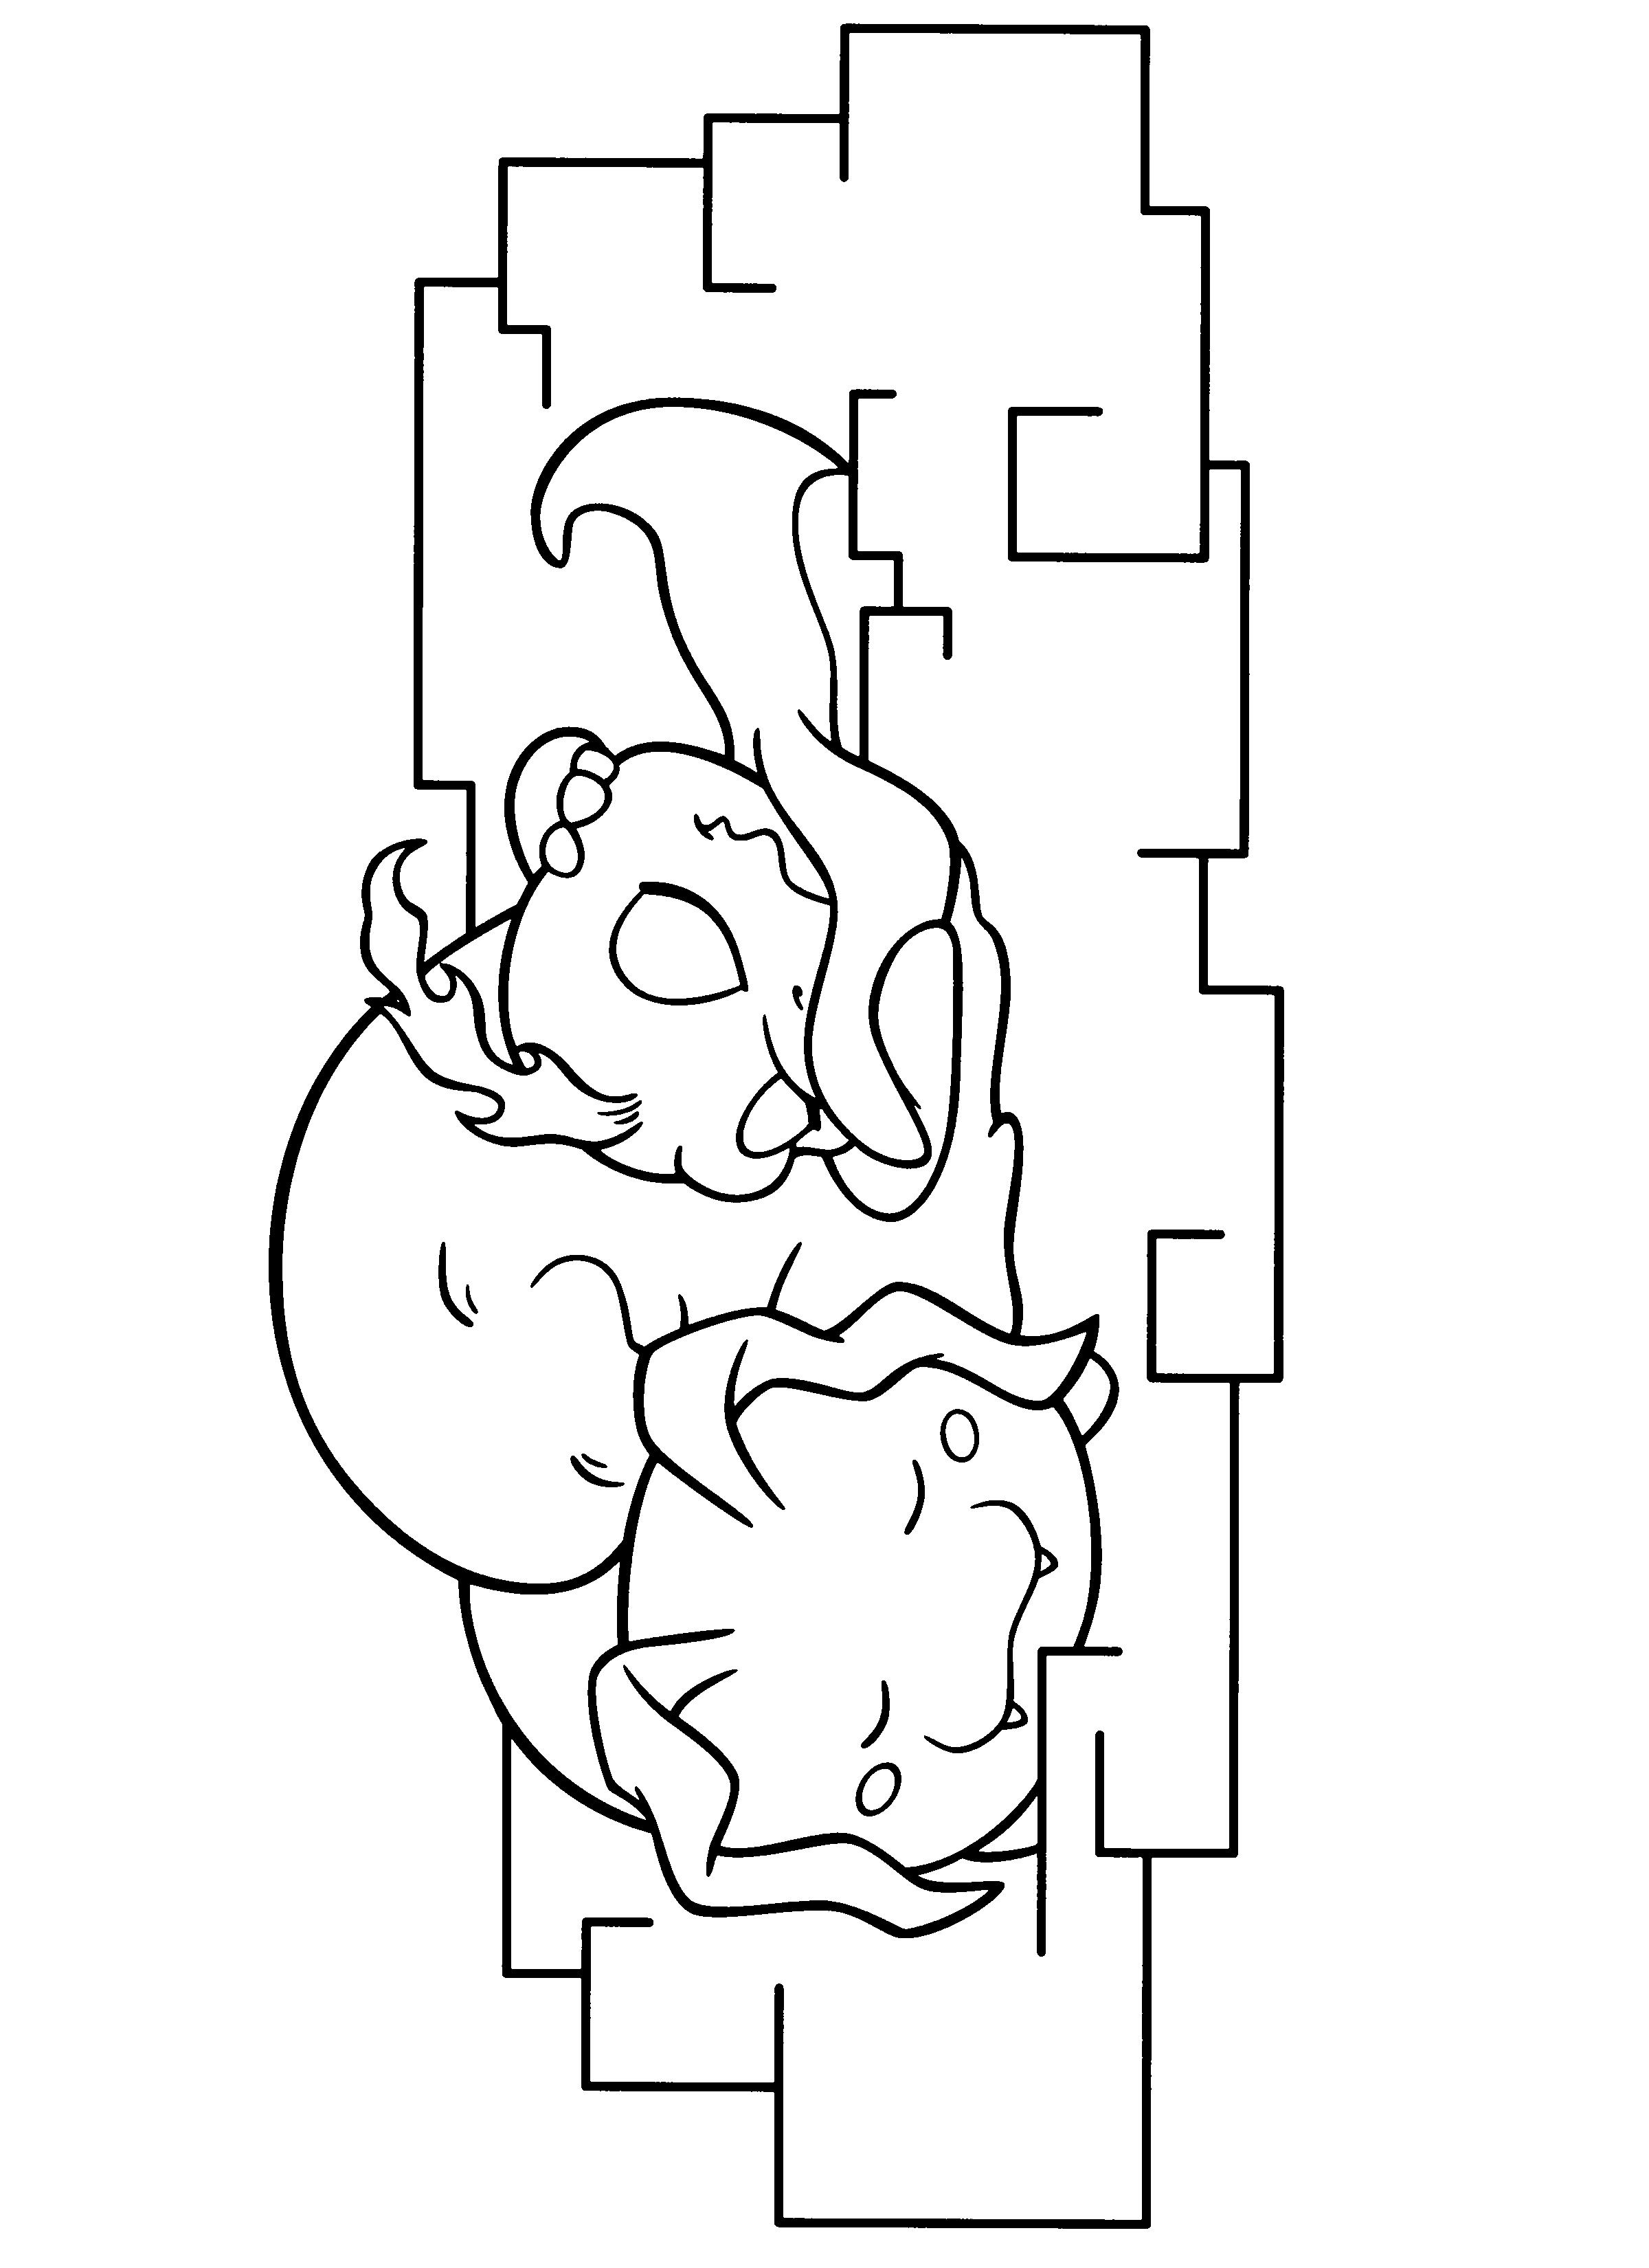 Digimon ausmalbilder